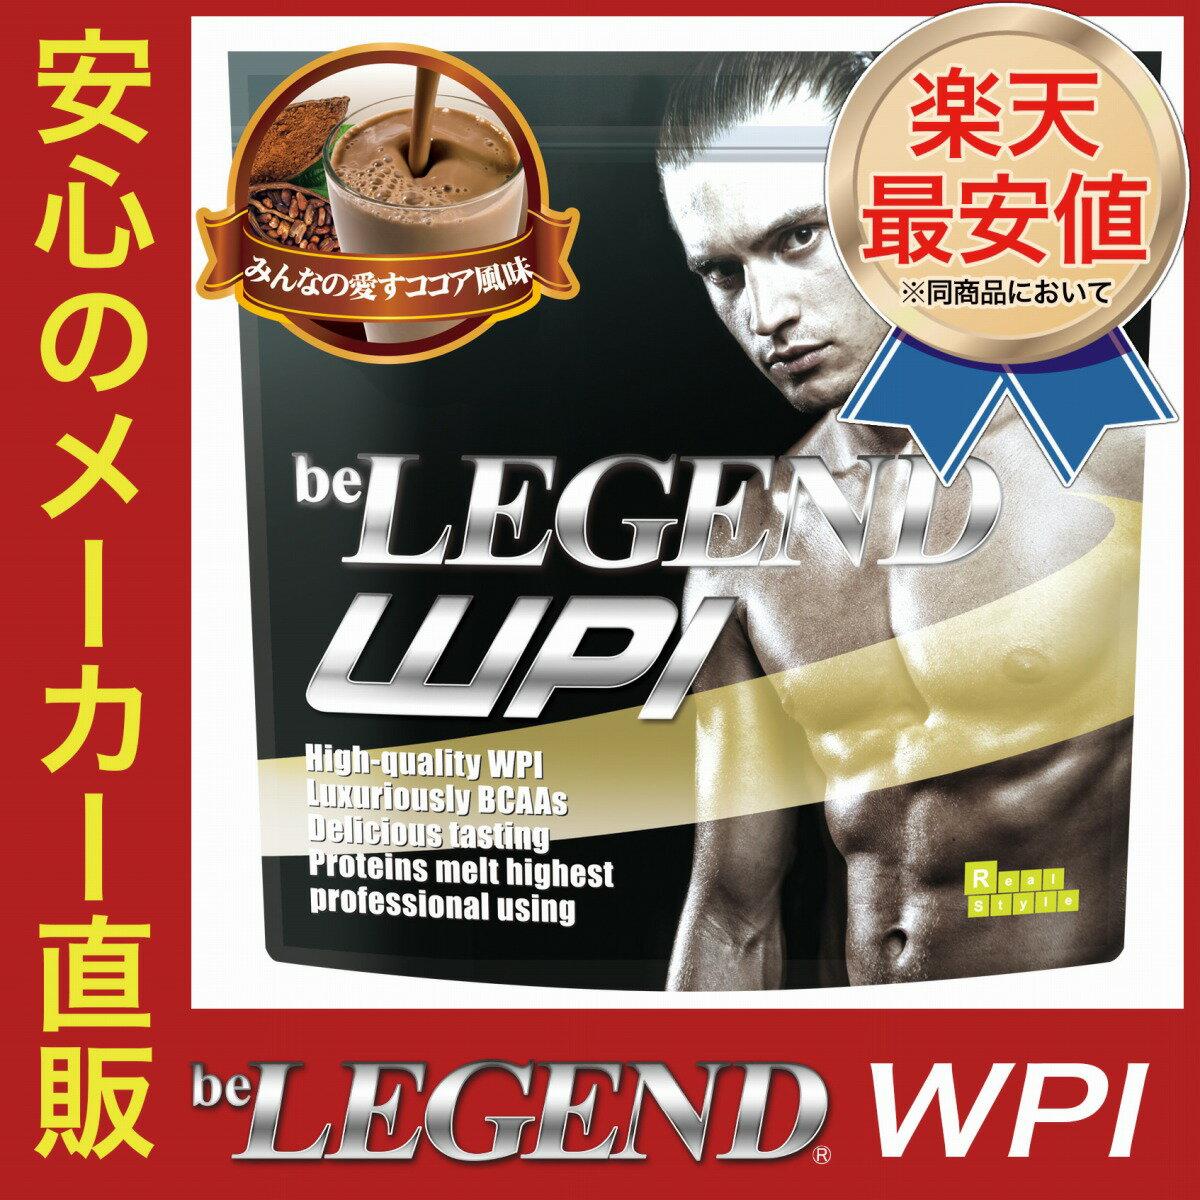 ビーレジェンド WPI みんなの愛すココア 1kg(be LEGEND ホエイプロテイン)【オススメ】